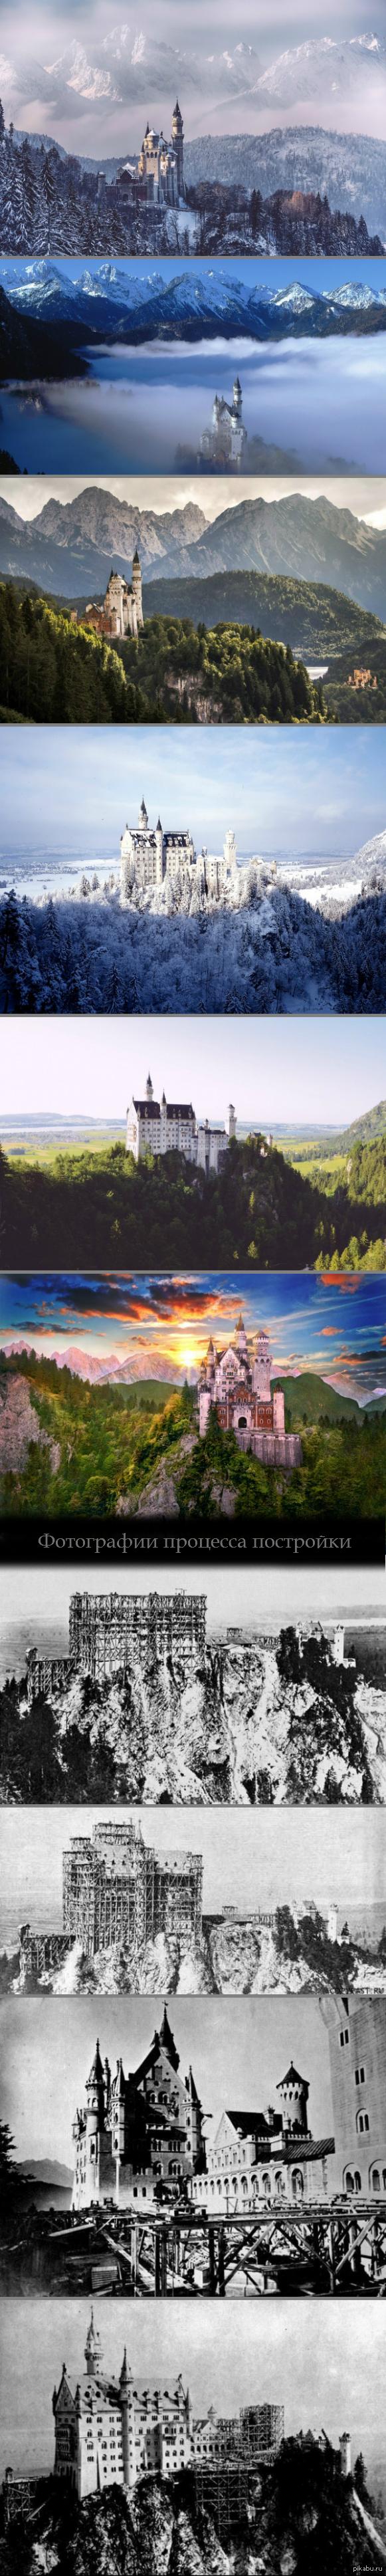 Замок Нойшванштайн, Германия. Замок расположен на юге Баварии около города Фюссен, в паре сотен км от Австрии.